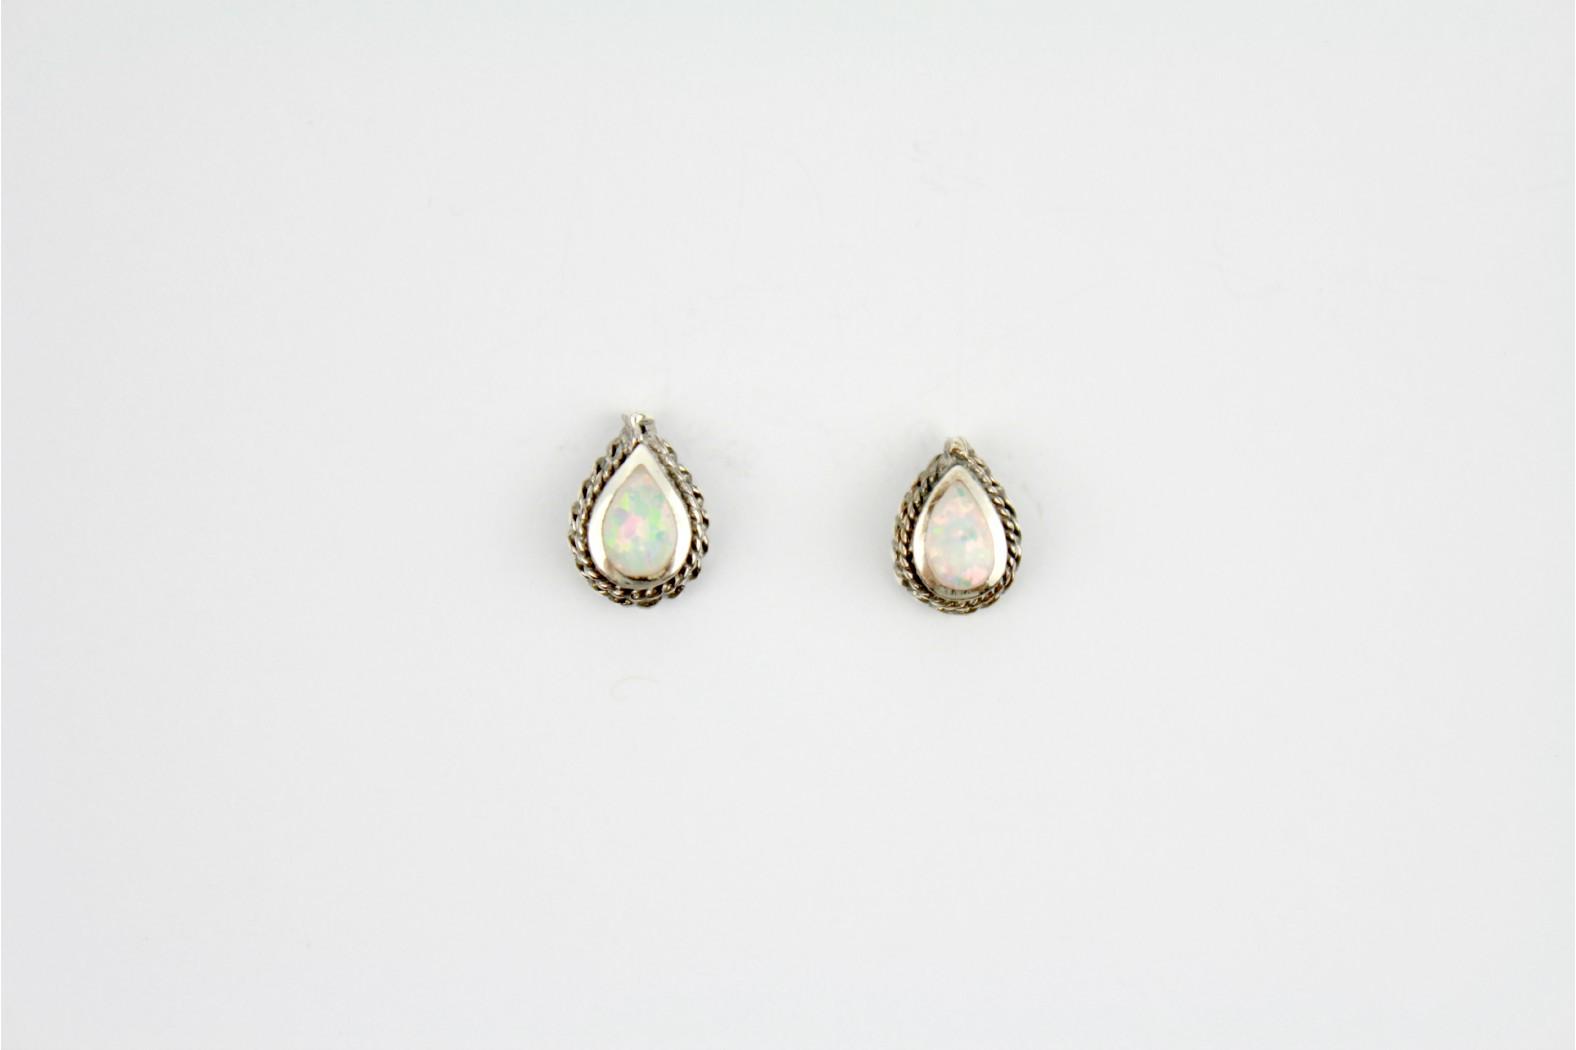 White Opal Fire created tear drop shaped stud earrings silver edge